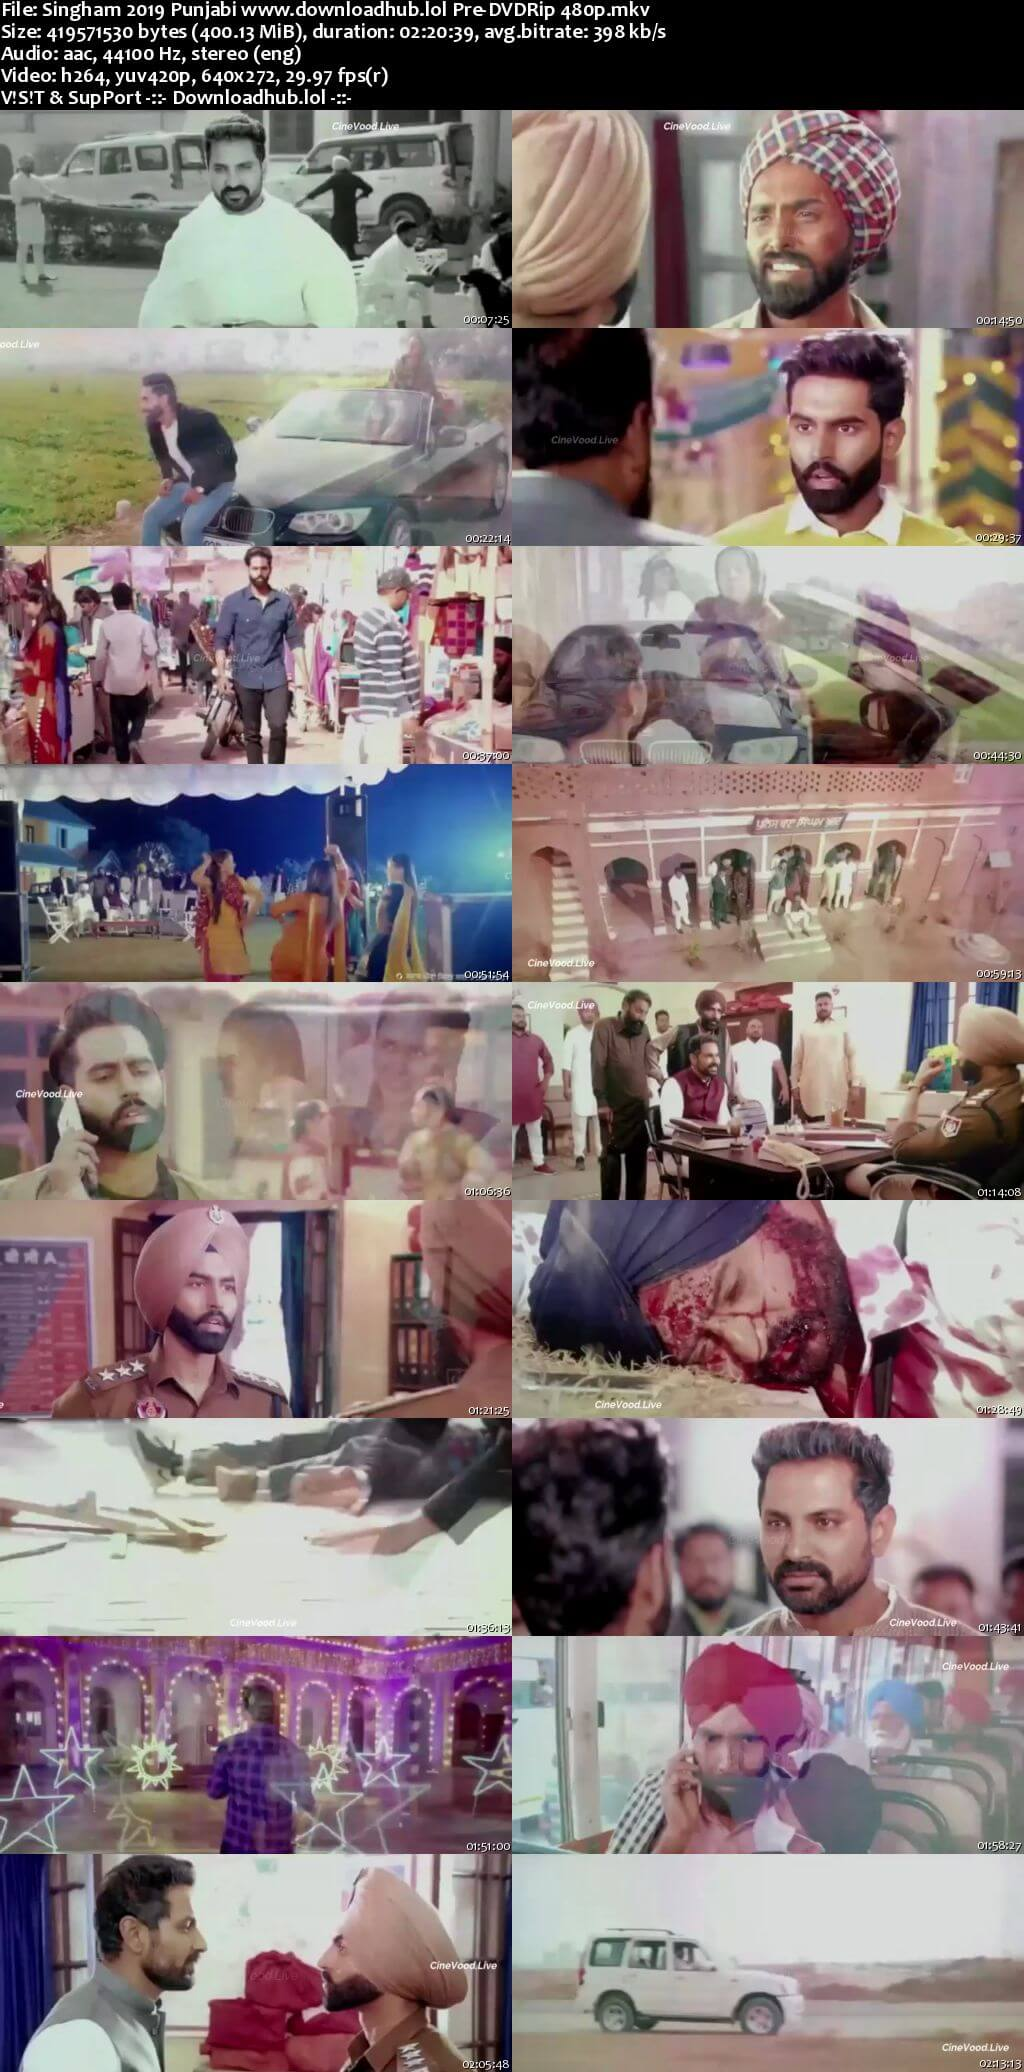 Singham 2019 Punjabi 400MB Pre-DVDRip 480p